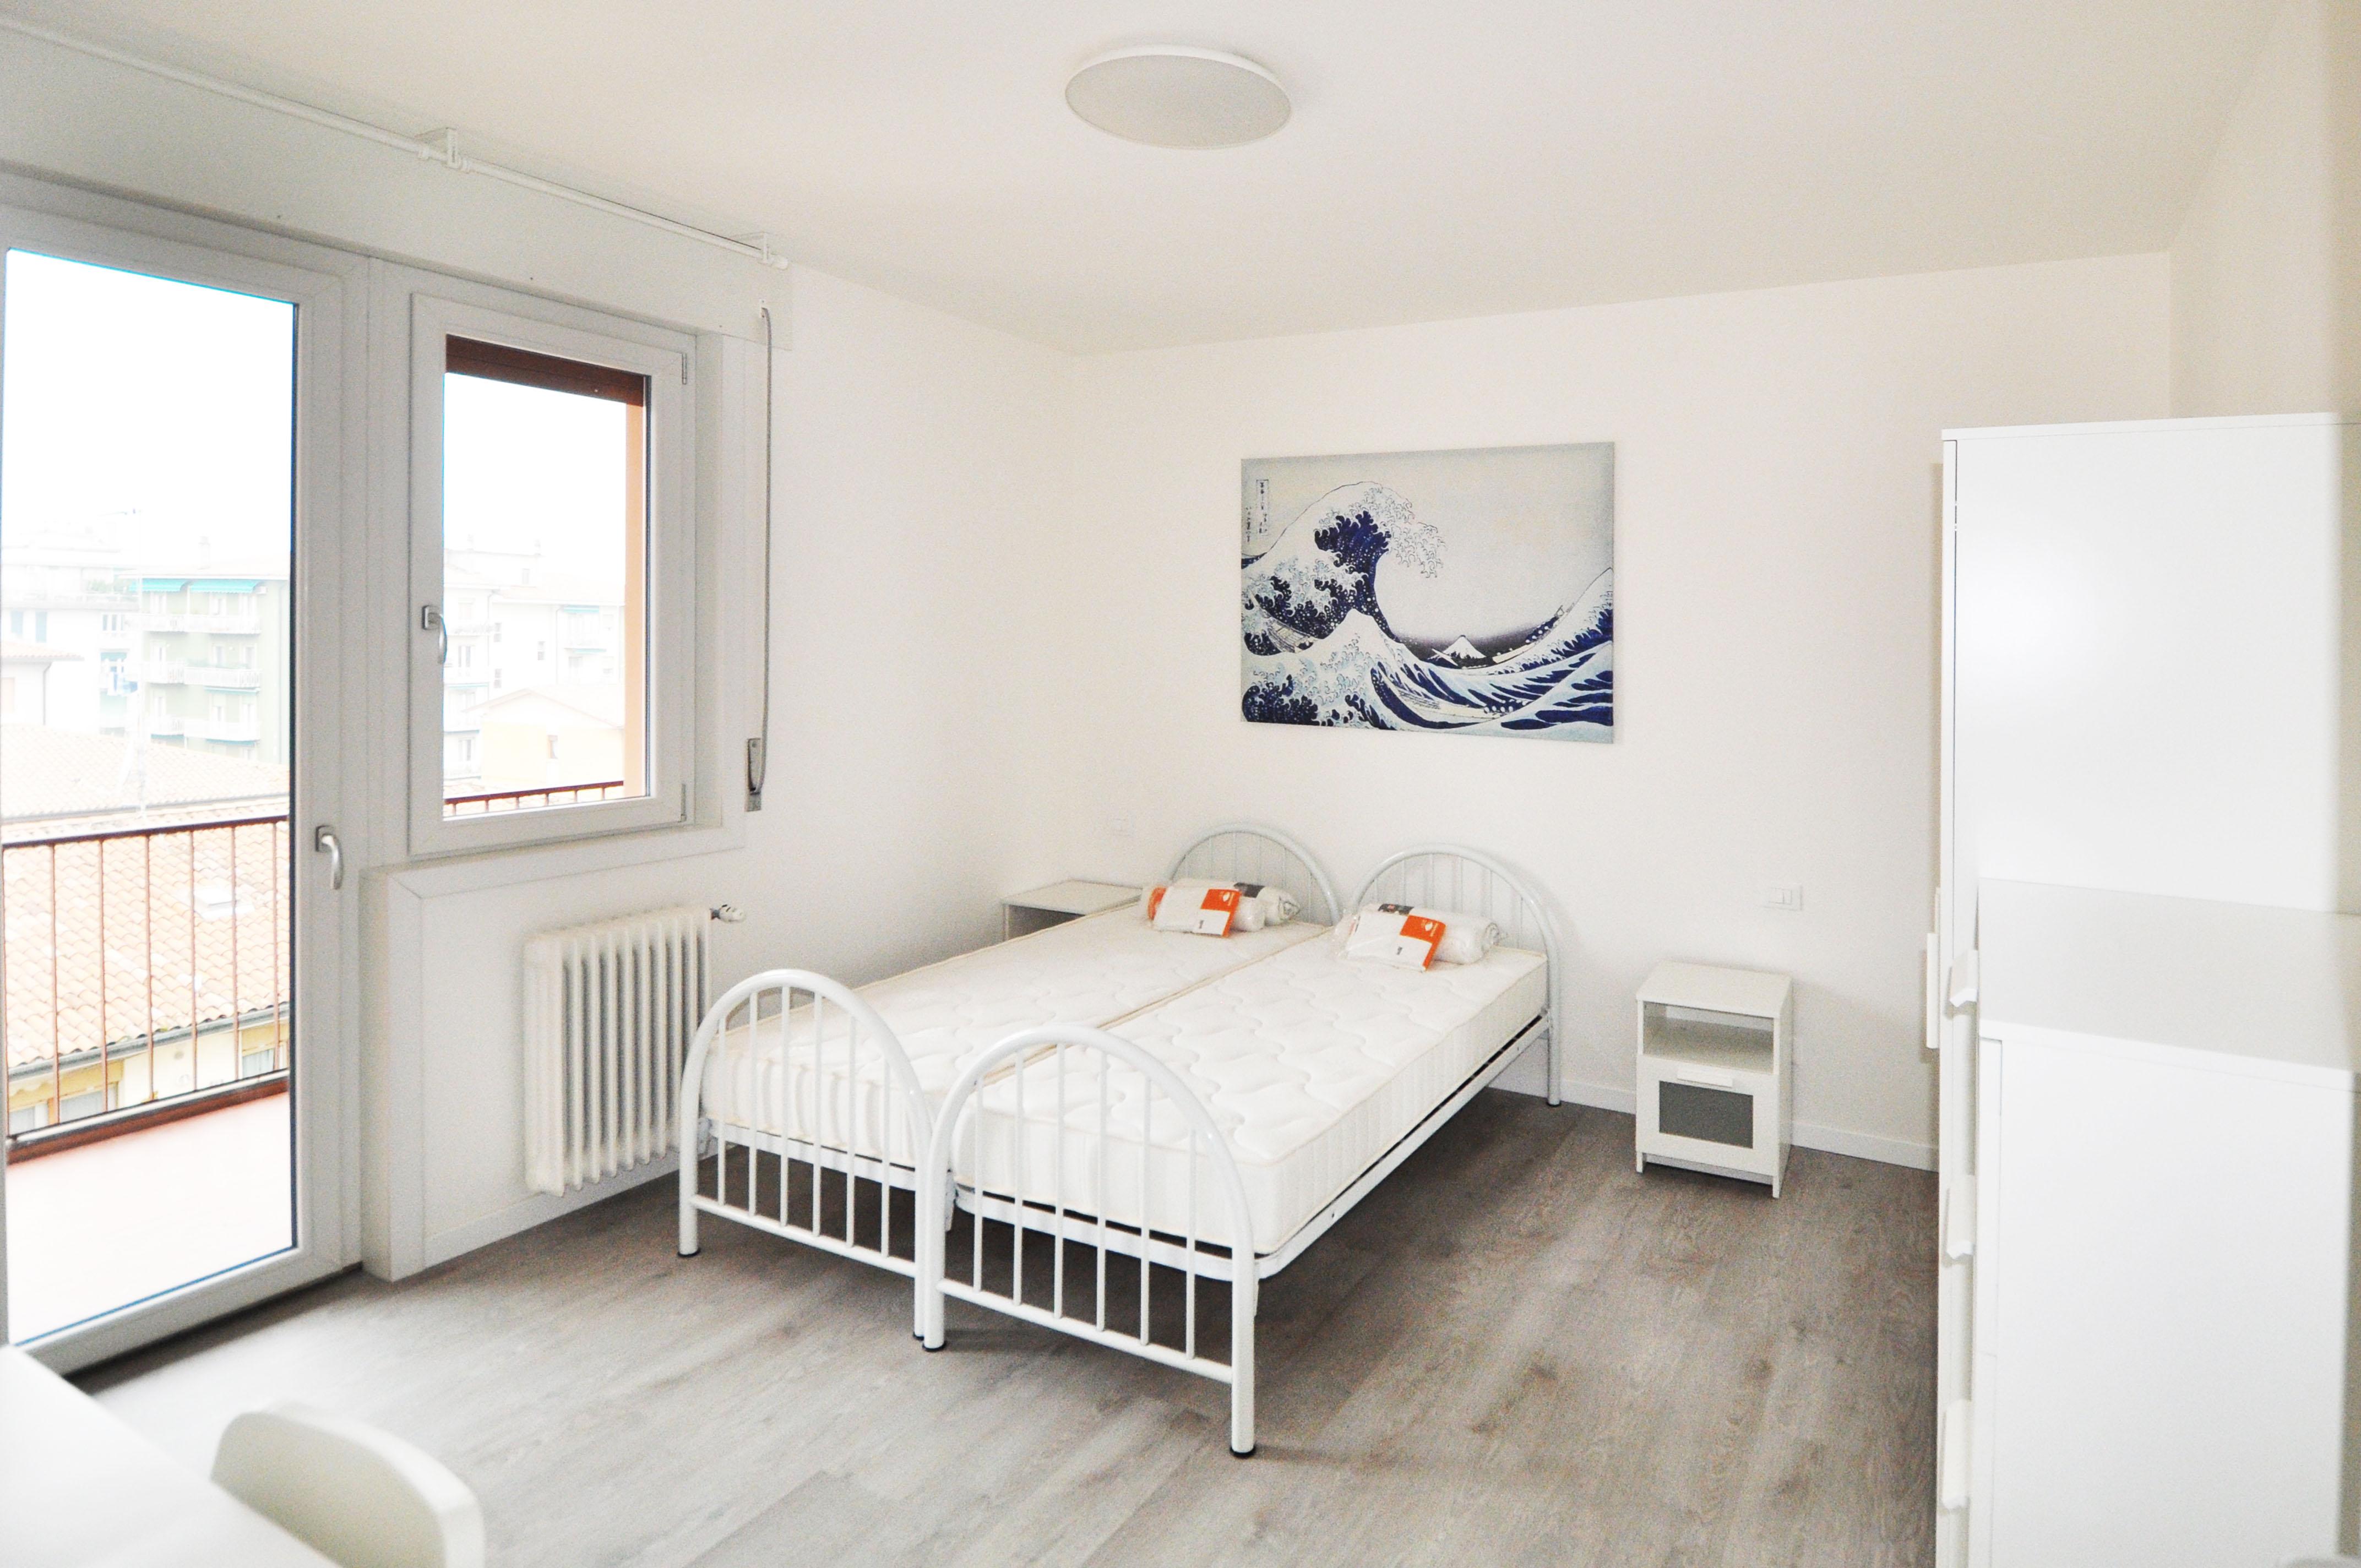 Camere in affitto-Treviso-Ospedale-Stazione-Studio-Architettura-Zanatta bertolini_01